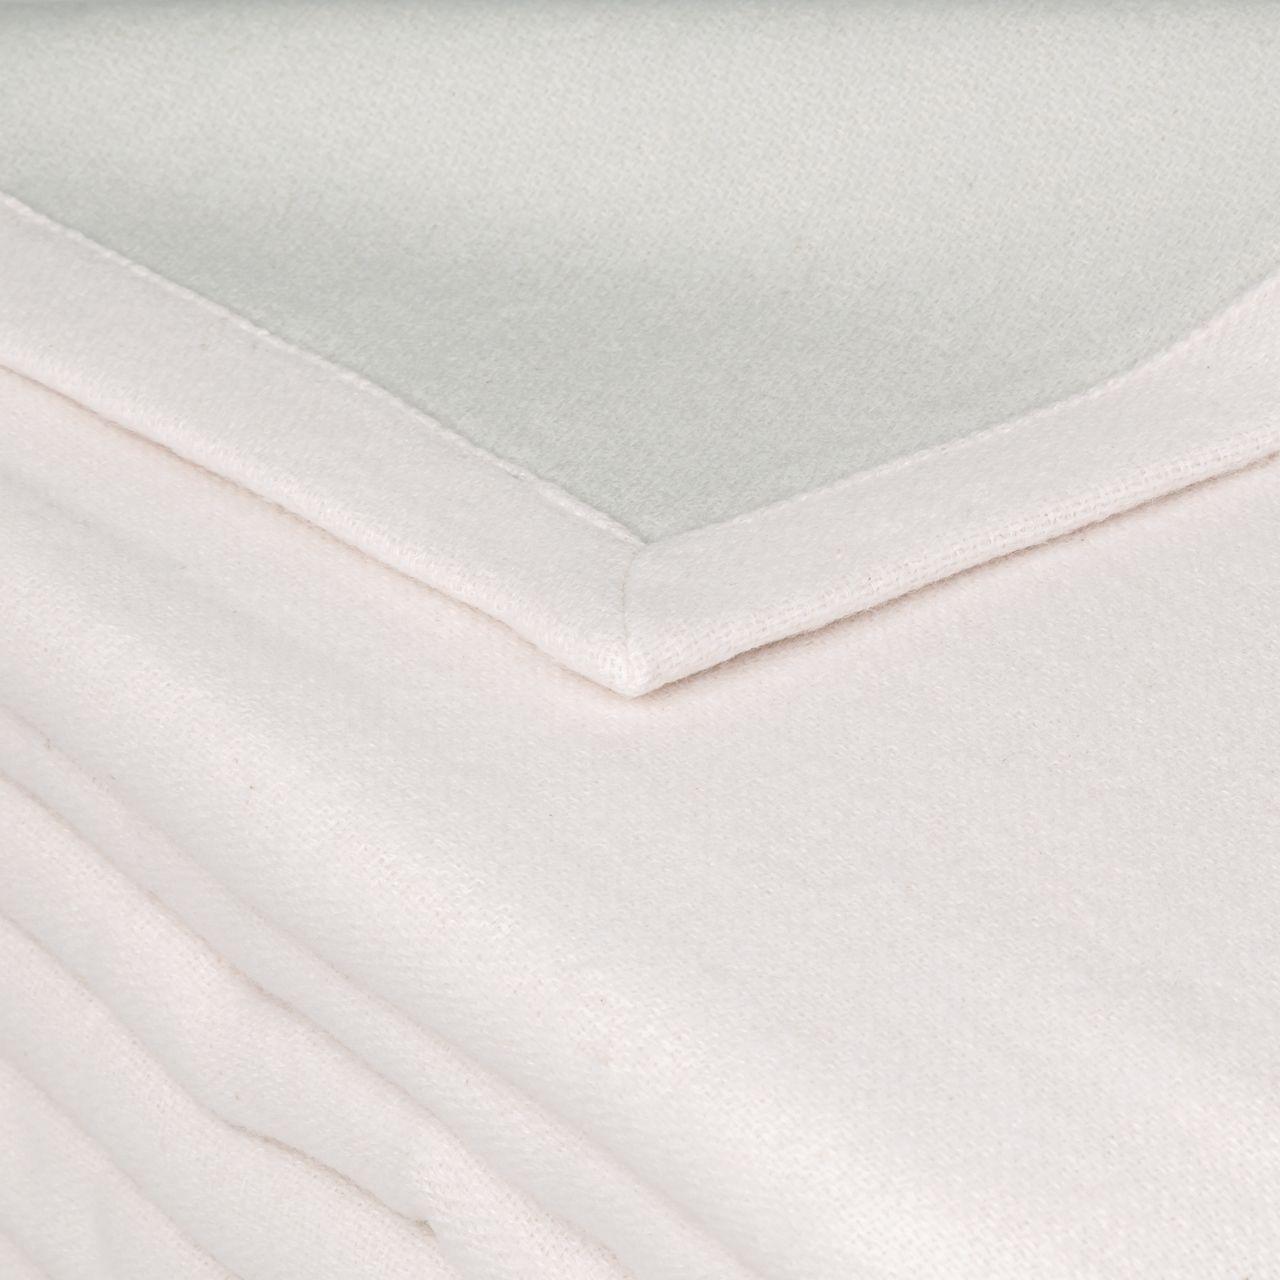 Couverture Provence Coton Reversible Rose Poudre Gris Perle 180x240